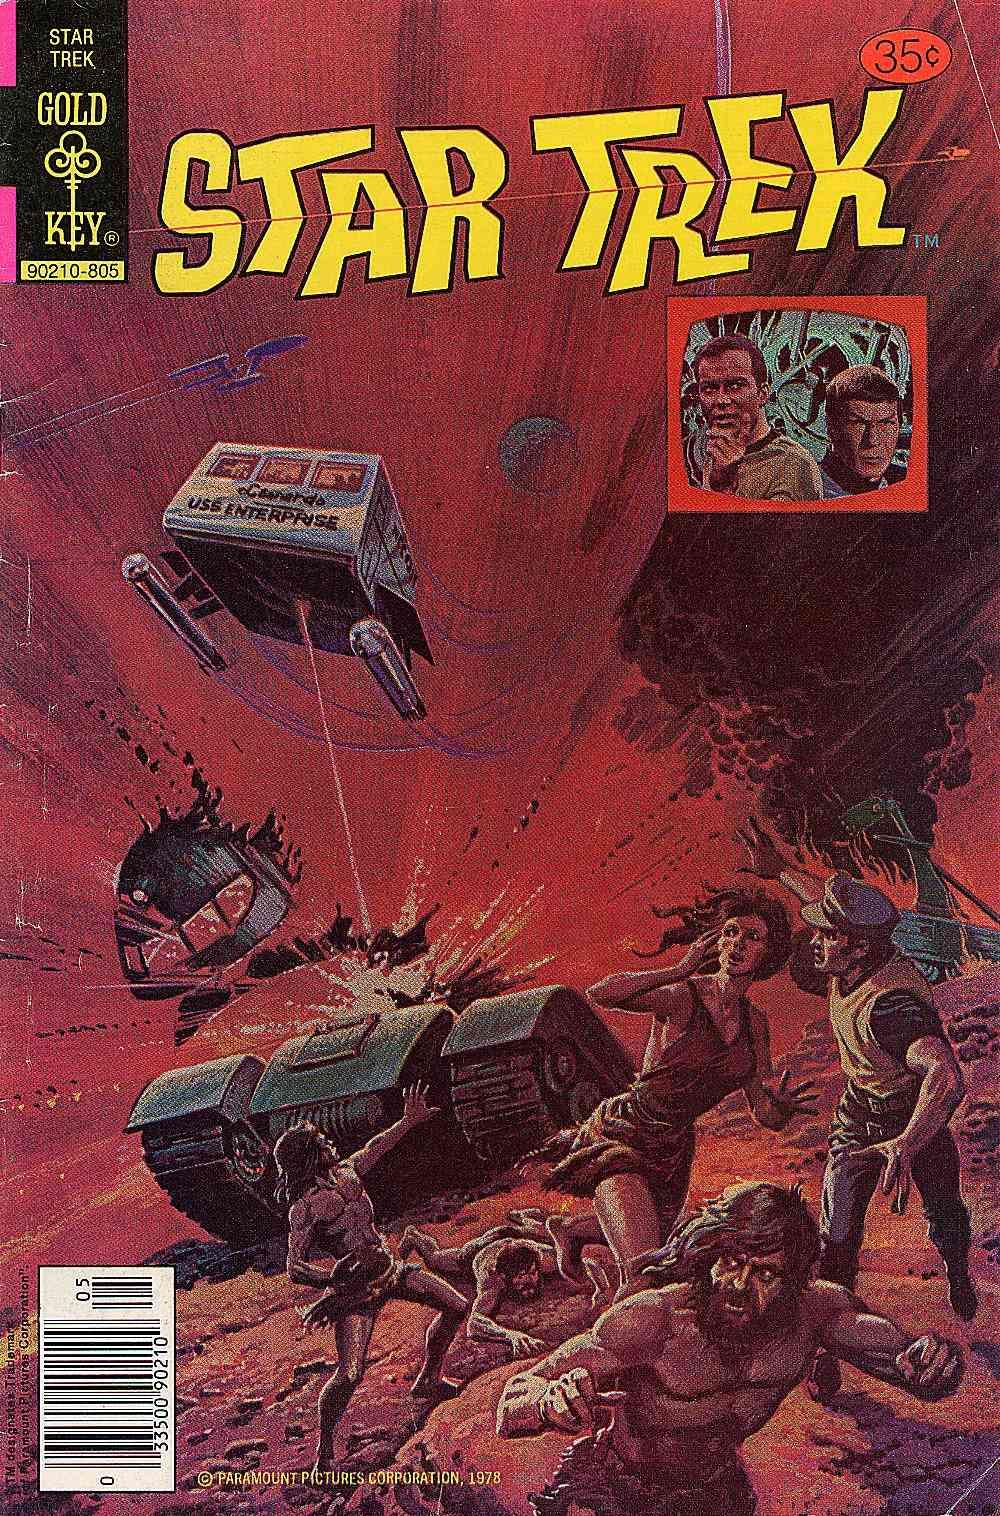 Star Trek (1967) issue 52 - Page 1